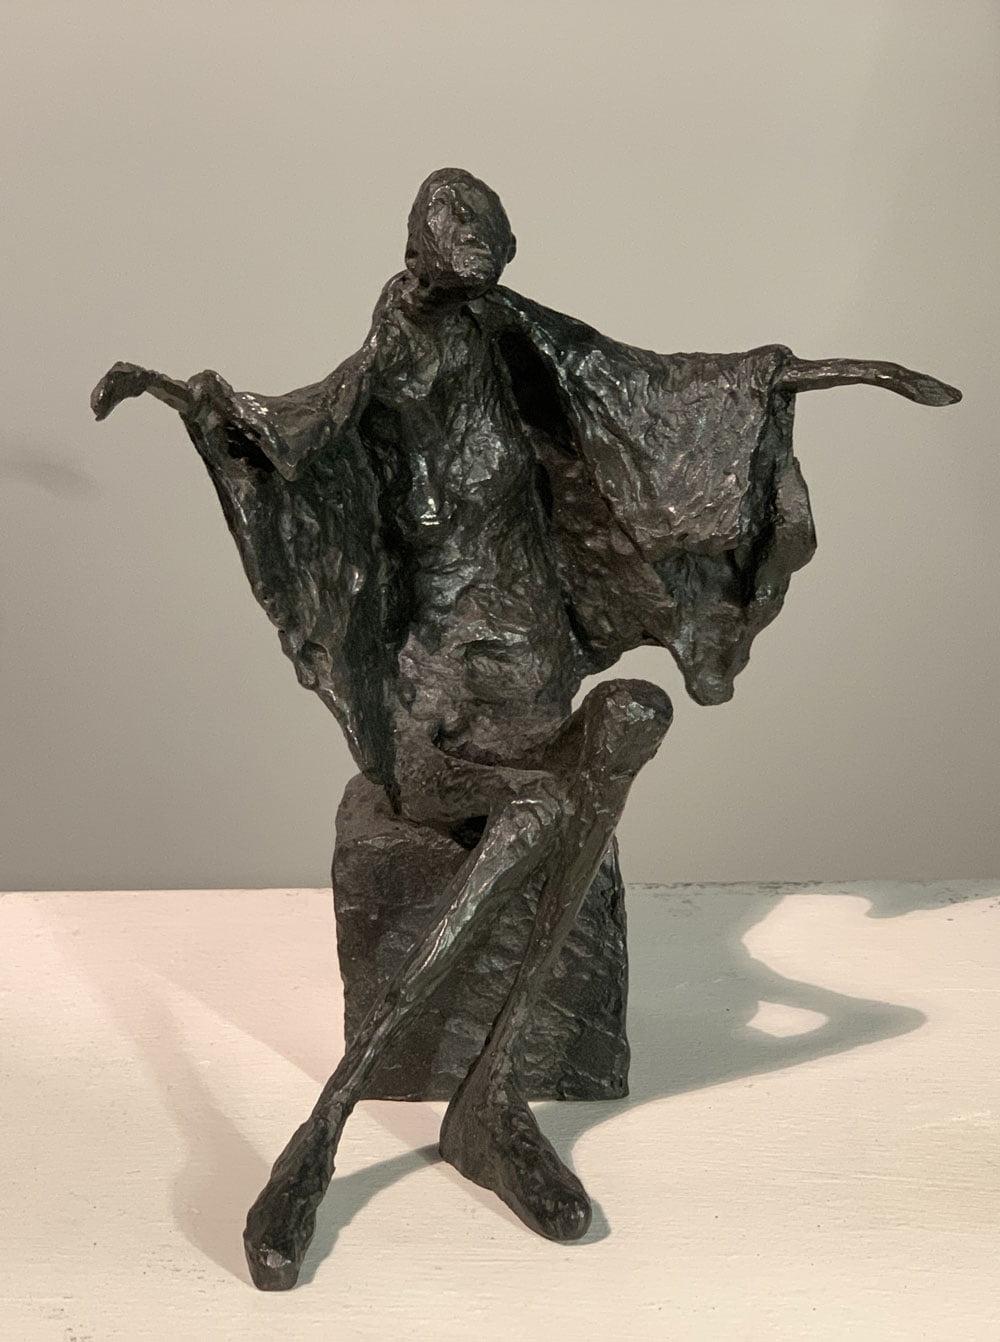 Le-Vieil-Oiseau-1-Marc-Petit-Galerie-21